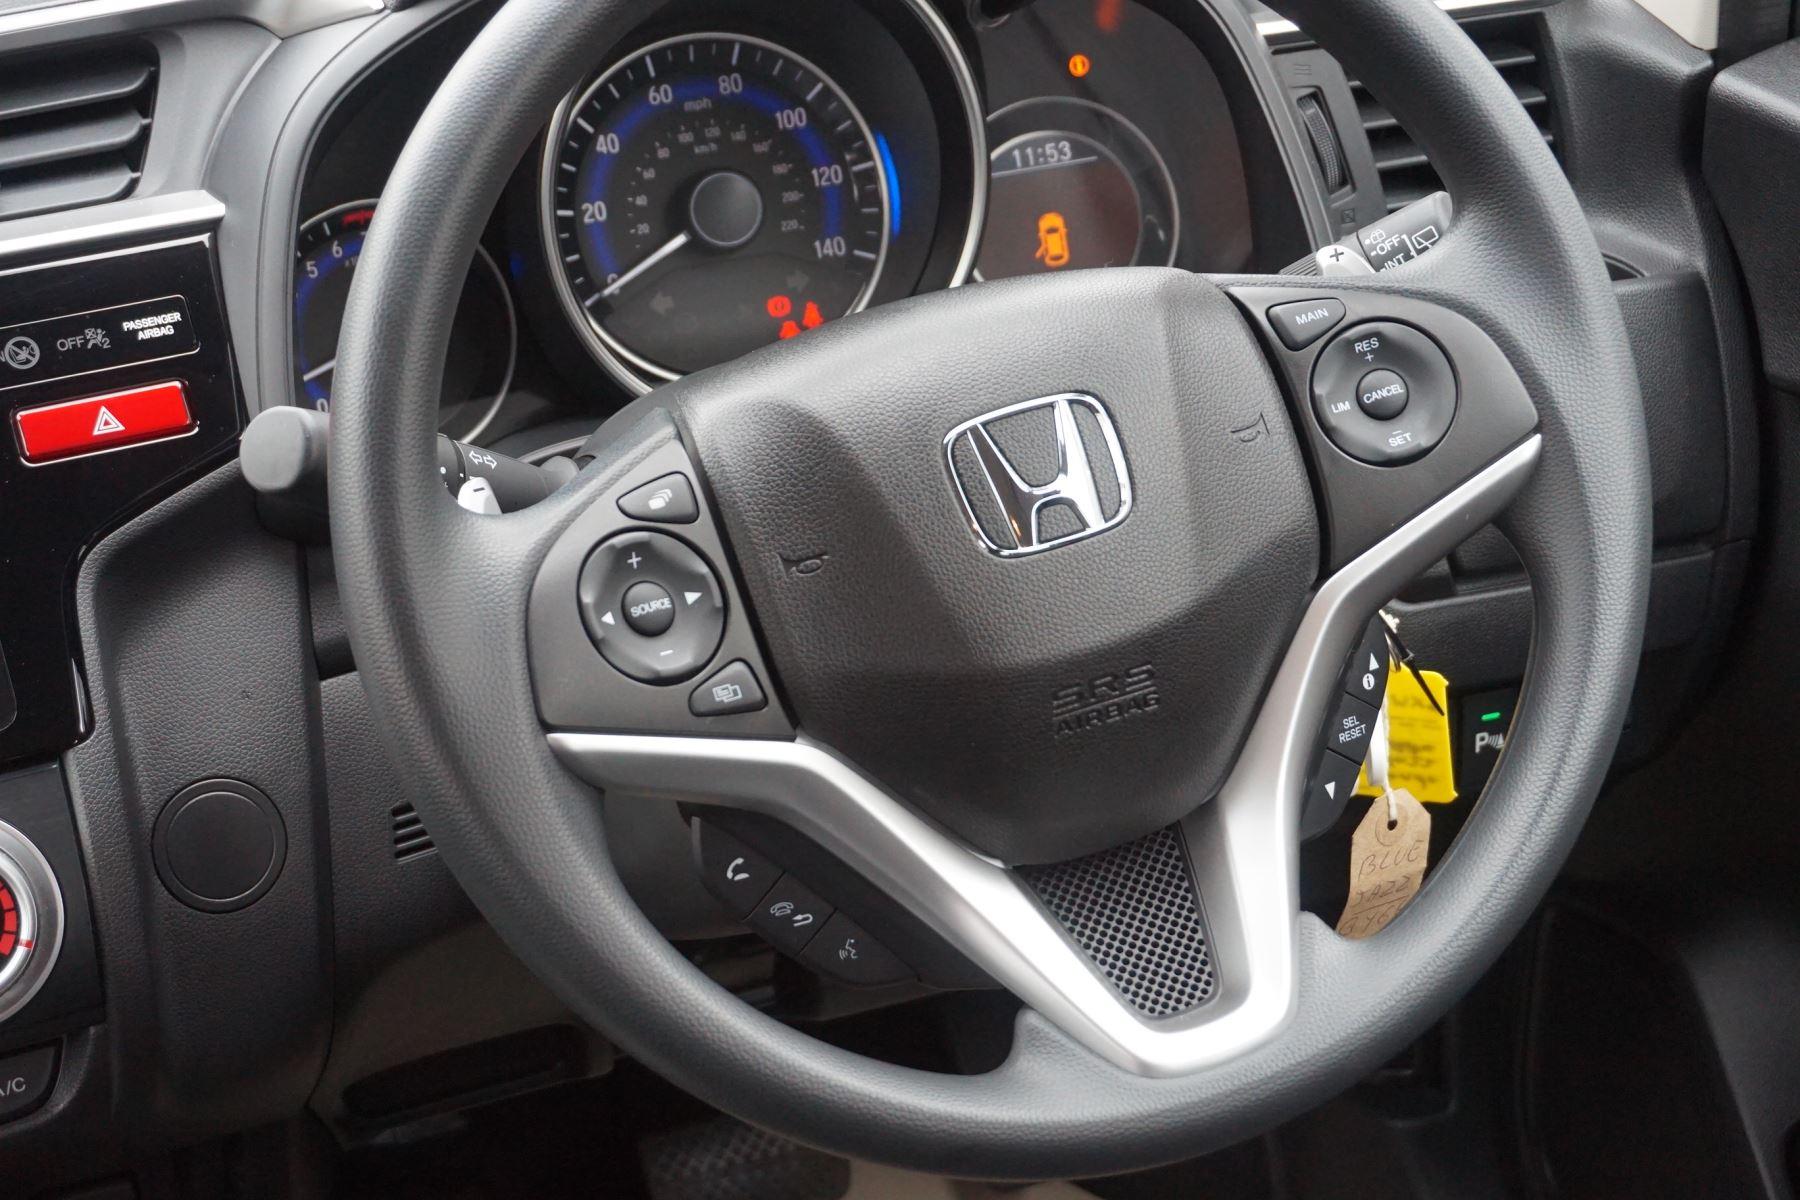 Honda Jazz 1.3 SE Navi CVT image 17